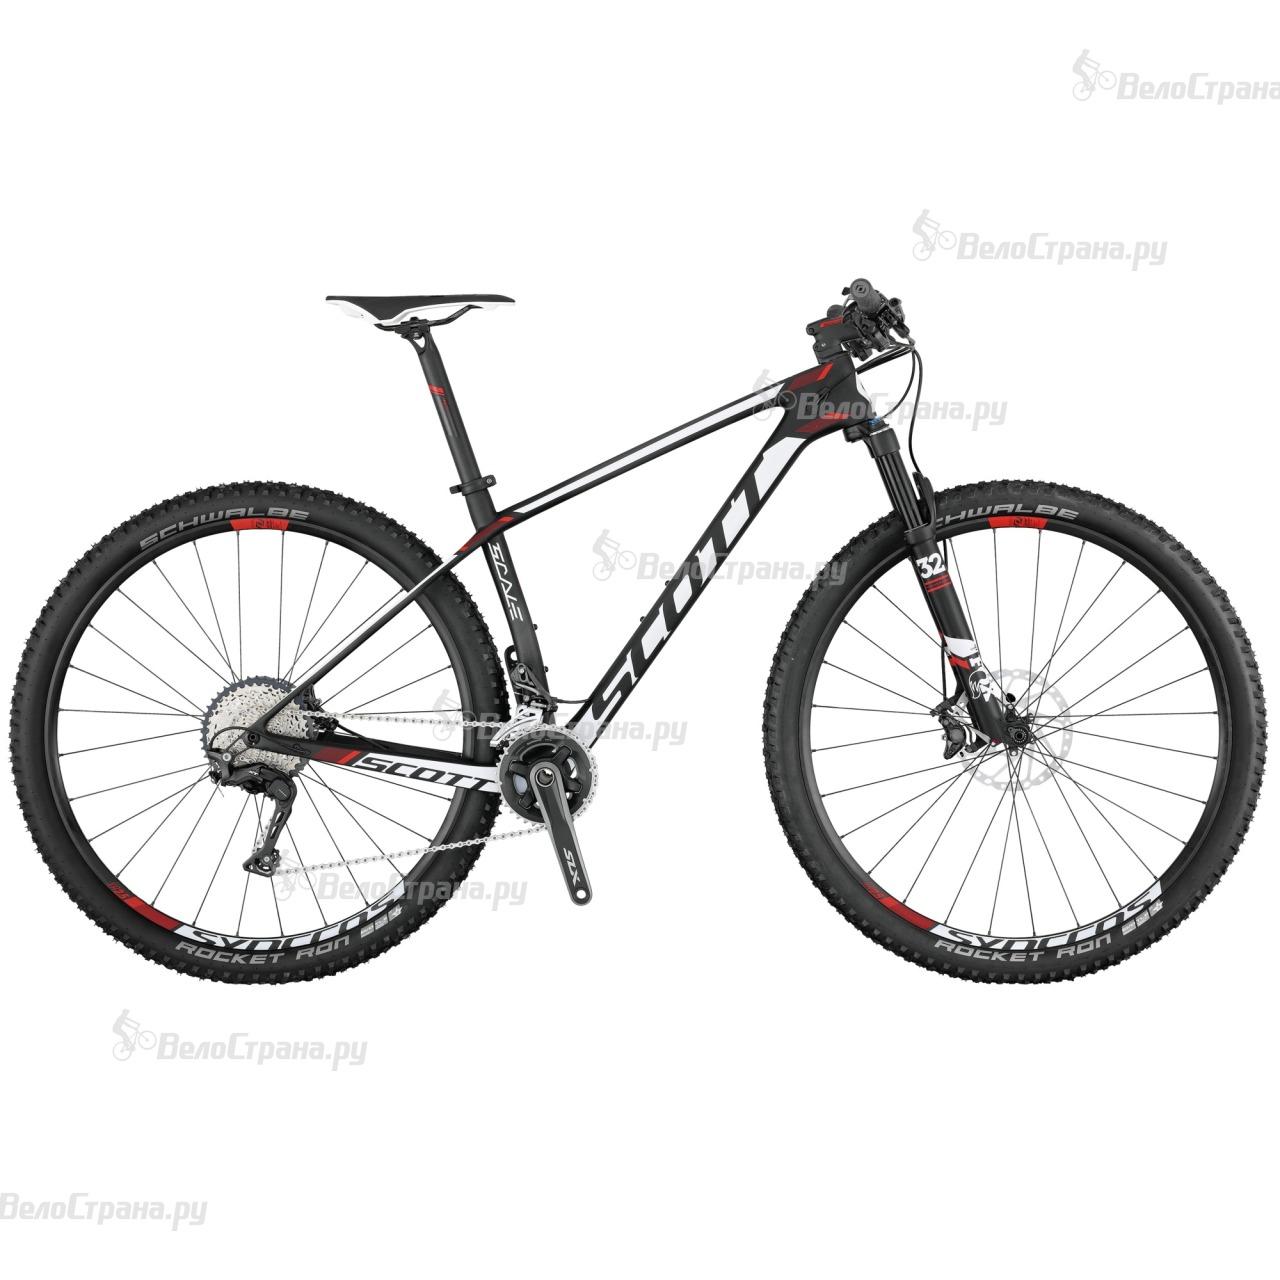 Велосипед Scott Scale 920 (2017) велосипед scott scale 700 premium 2015